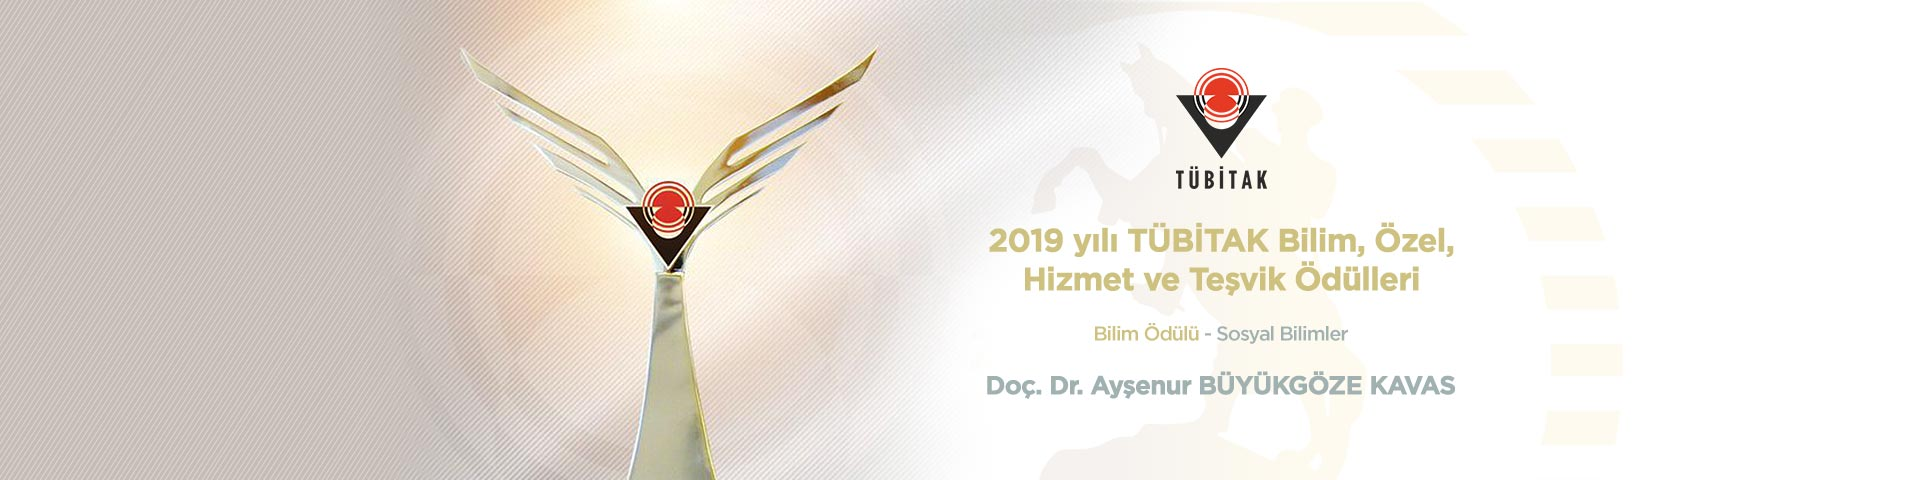 Doç. Dr. Ayşenur Büyükgöze Kavas'a TÜBİTAK Teşvik Ödülü